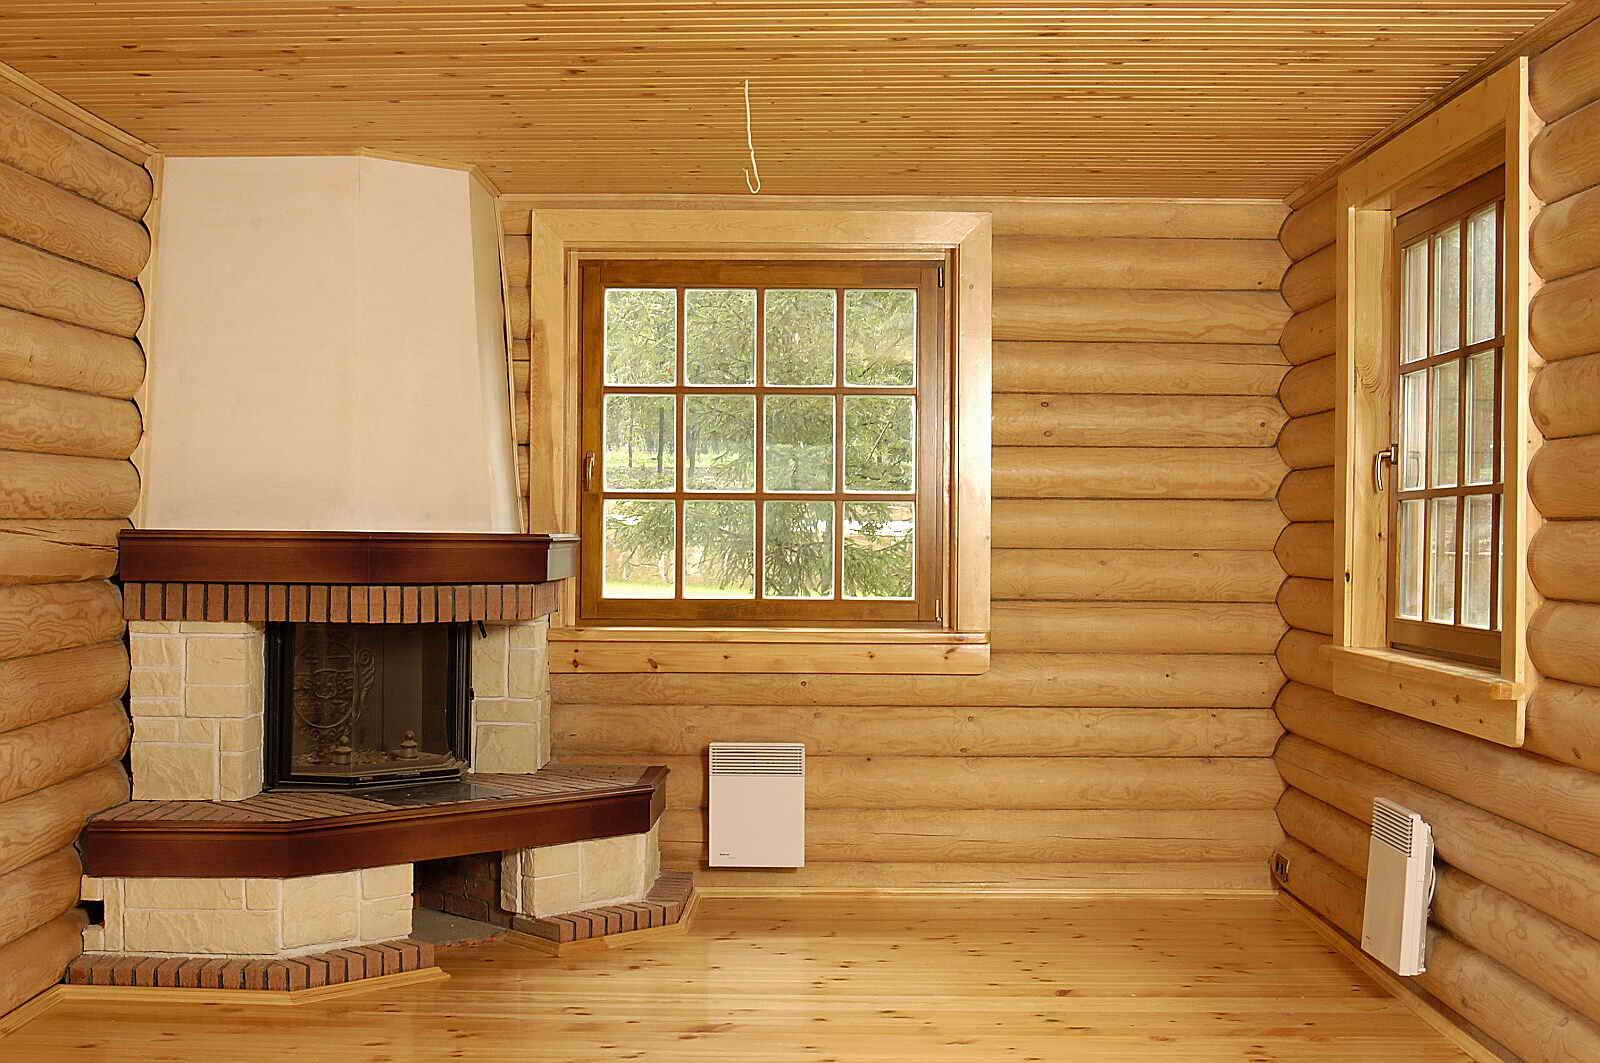 Блок хаус для внутренней отделки, как выбрать и установить самому